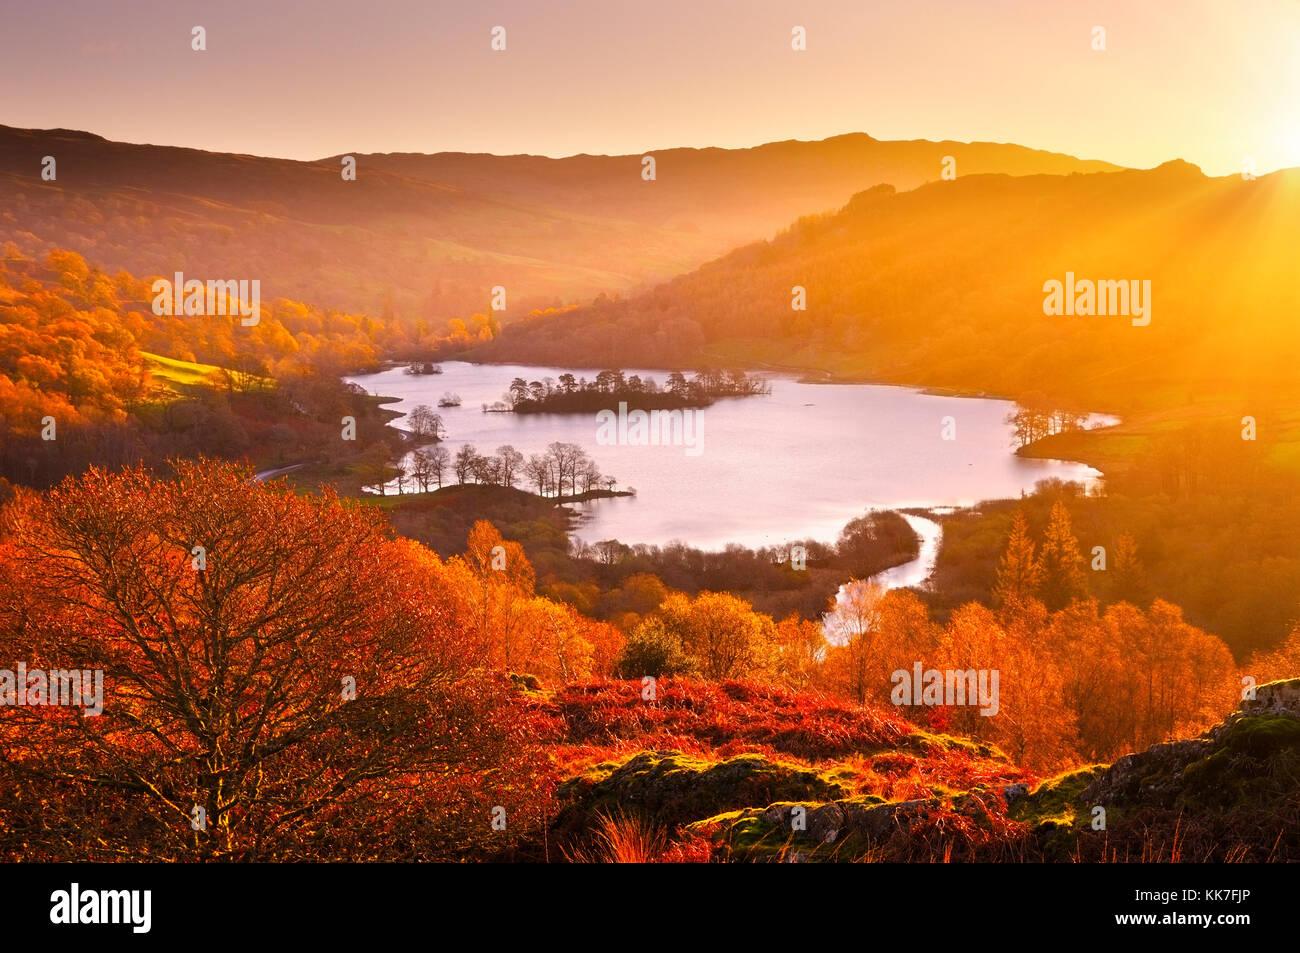 Rydal Water al amanecer, Lake District, en el Reino Unido. Vista elevada con vistas al hermoso lago y paisaje otoñal Imagen De Stock